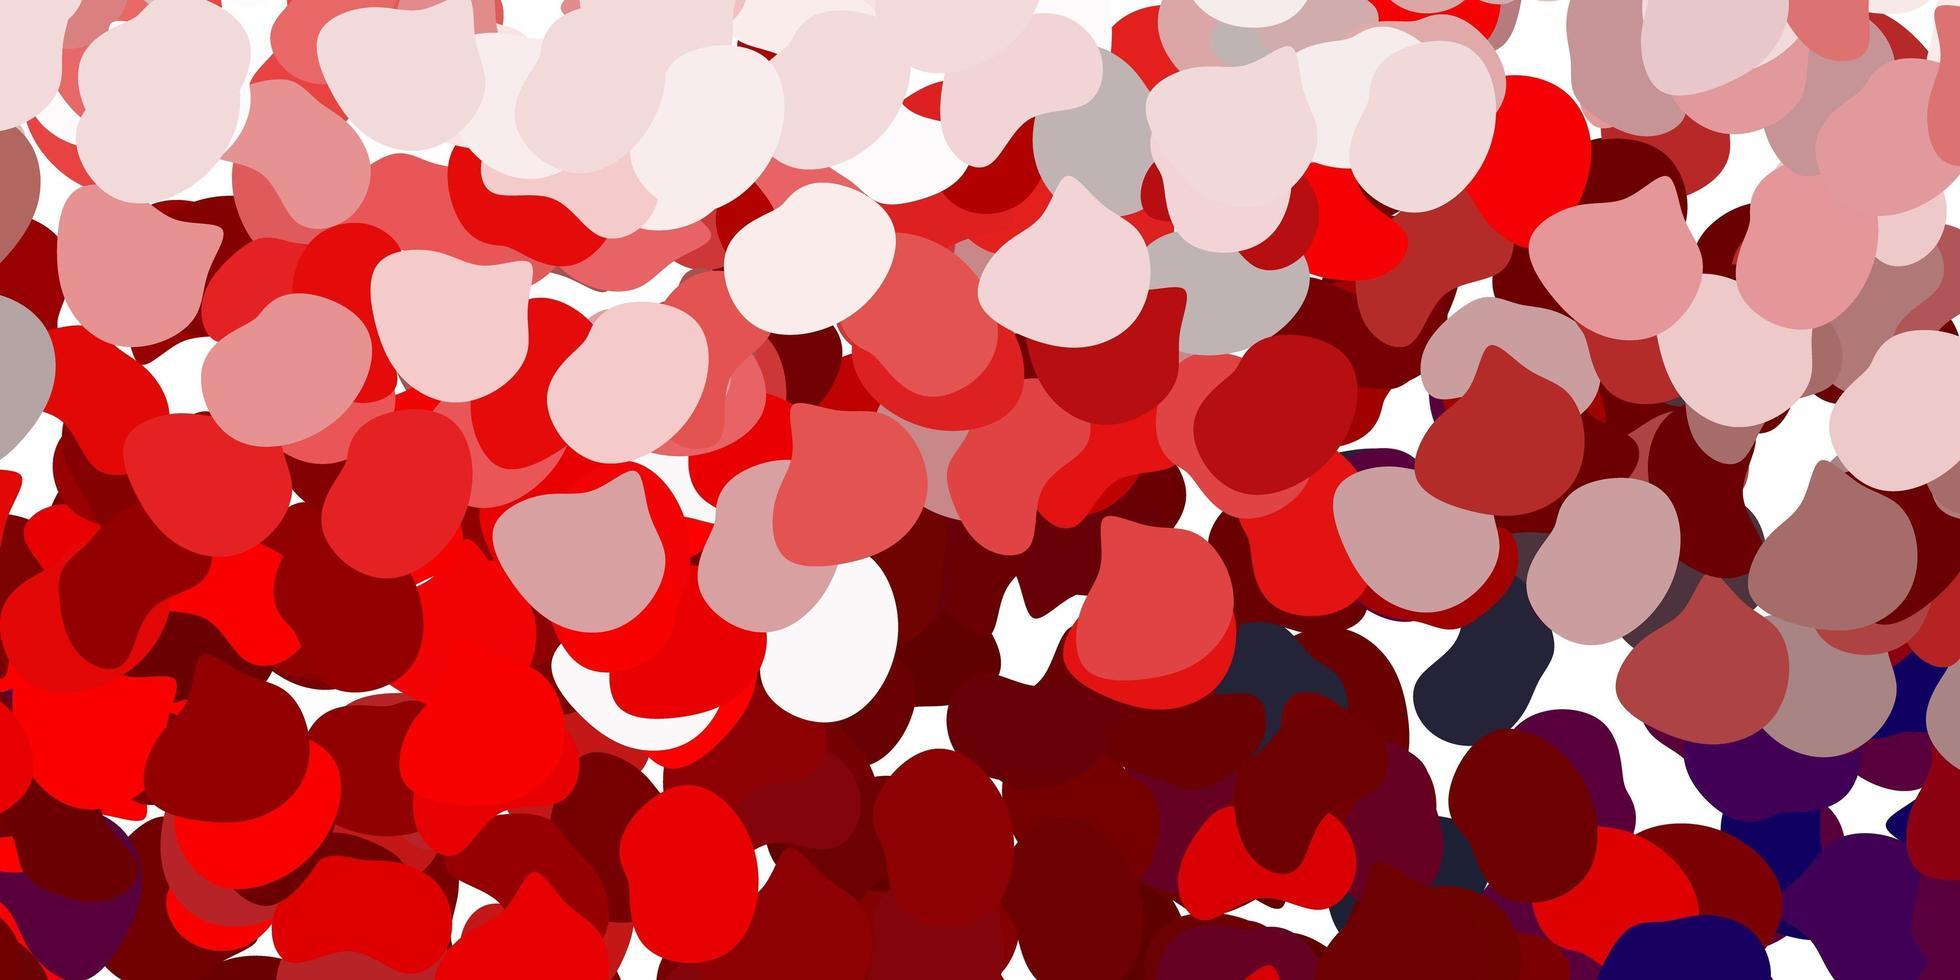 modello rosso chiaro con forme astratte vettore